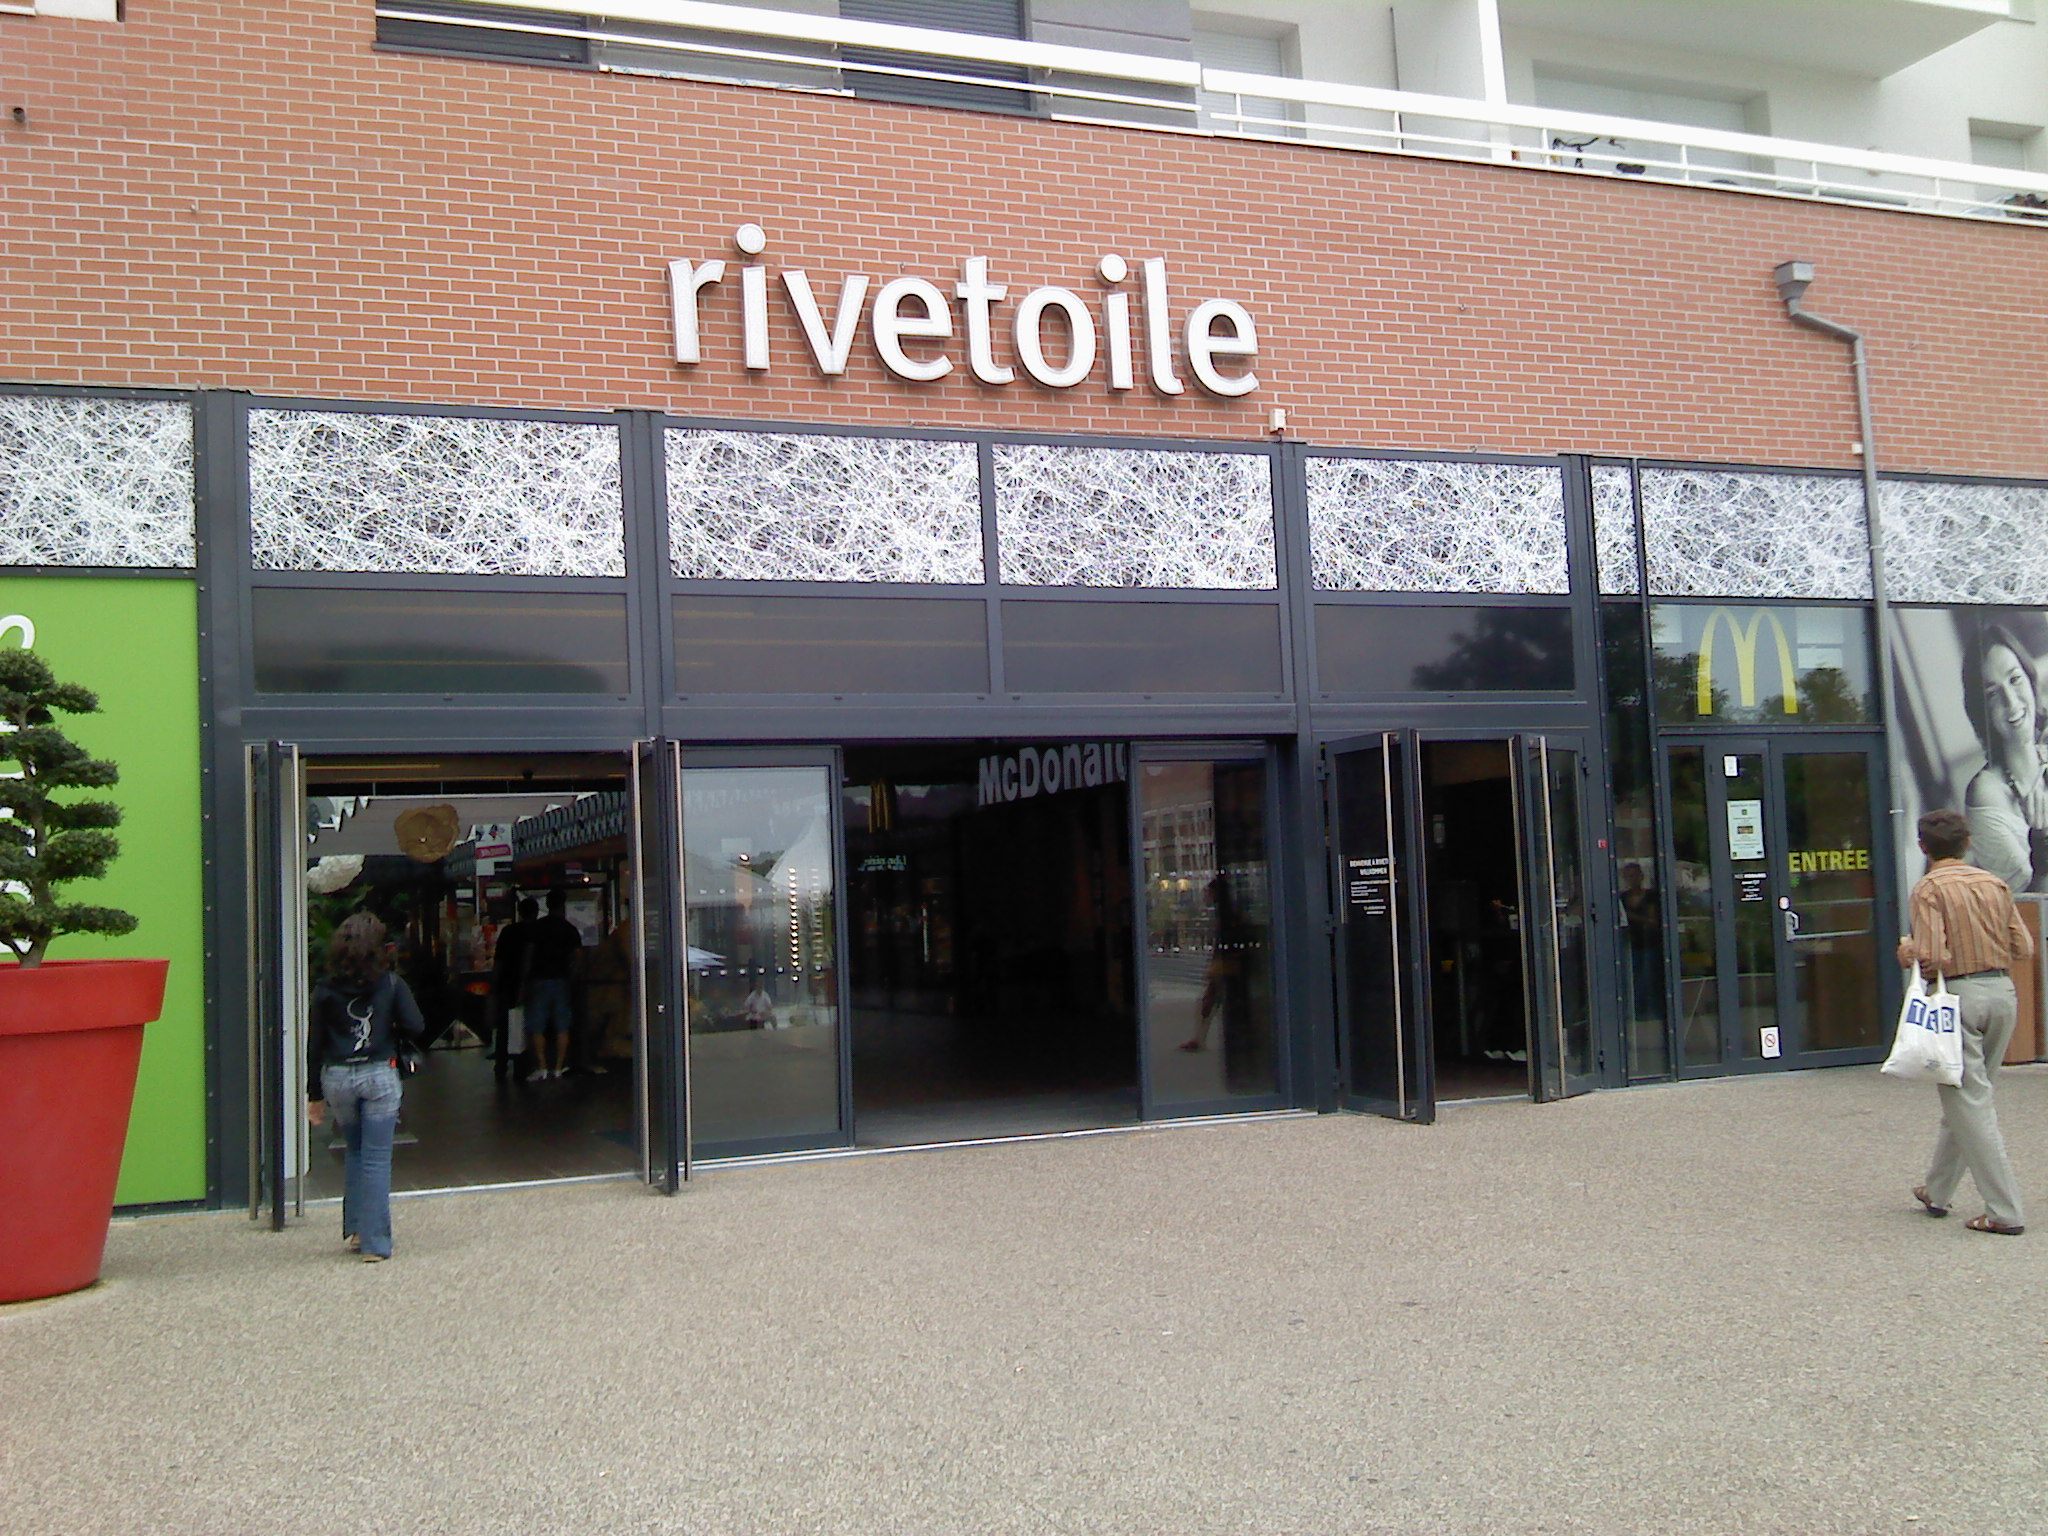 File entr e du centre commercial riv toile strasbourg - Centre commercial rivetoile strasbourg ...